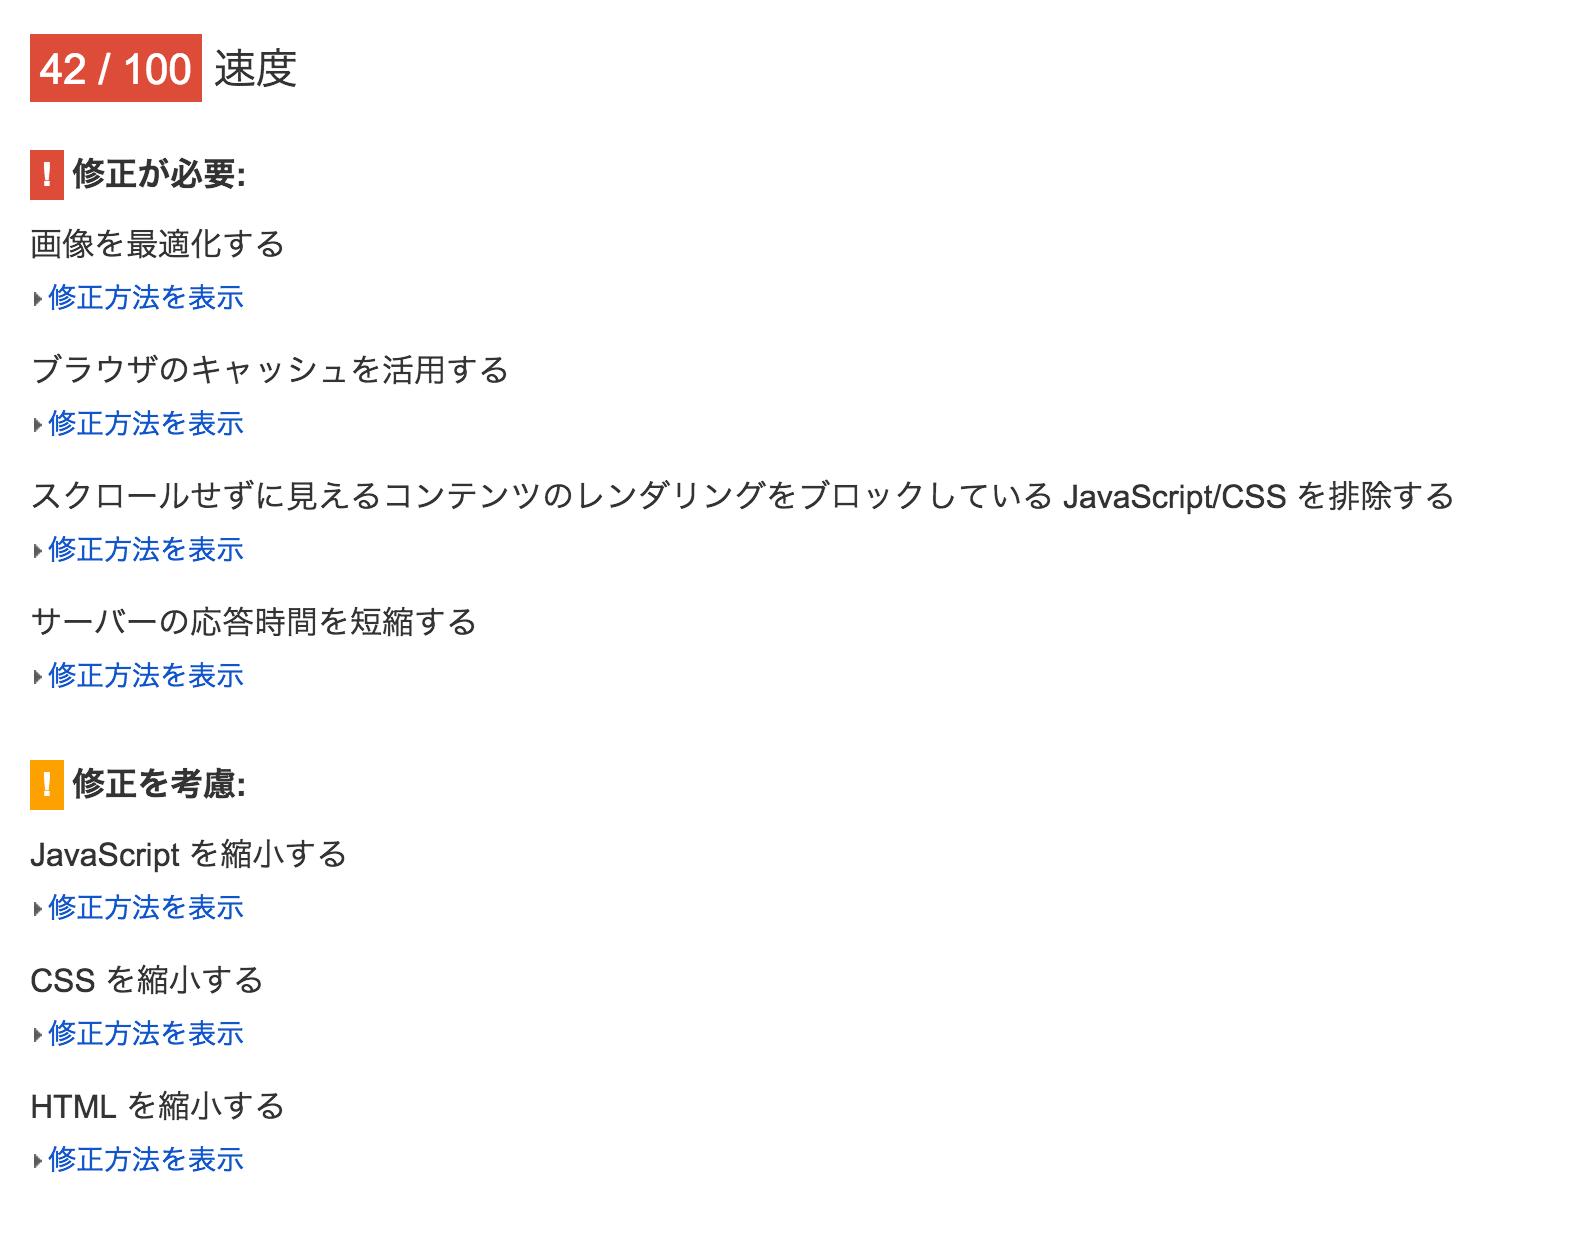 スクリーンショット 2015-01-16 13.18.12